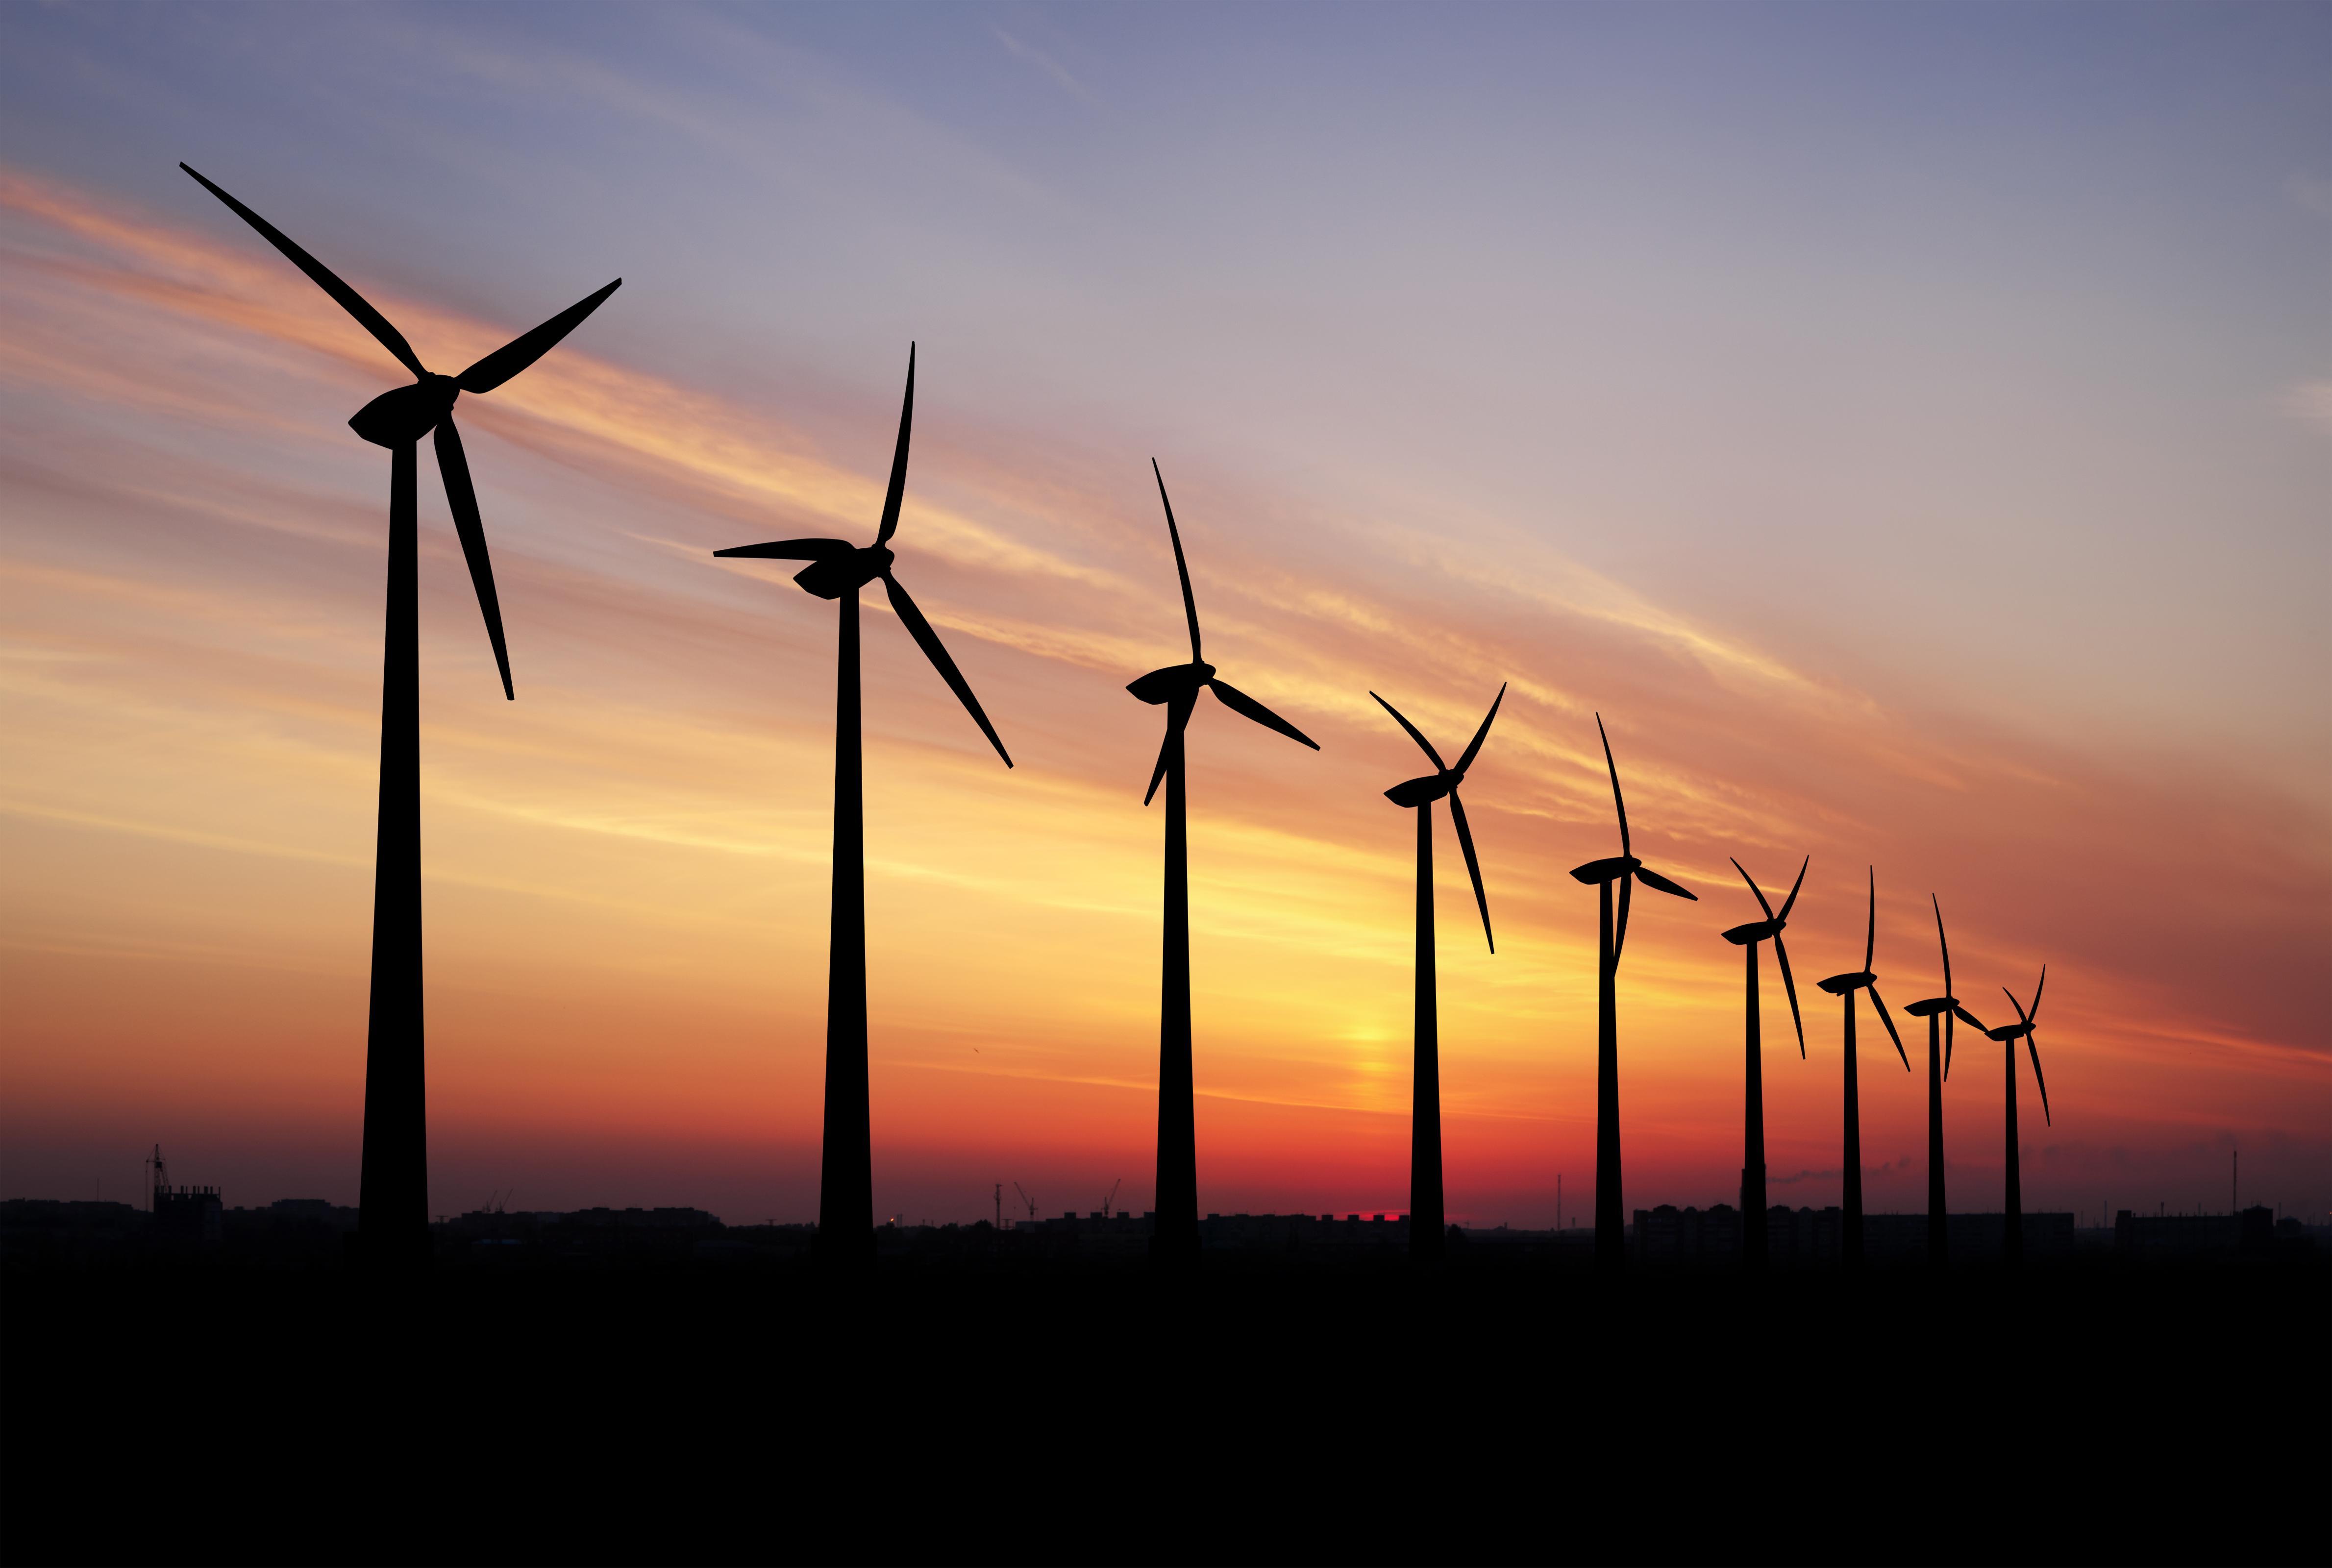 Erneuerbare Energie: Ausbaugesetz verzögert sich um ein halbes Jahr